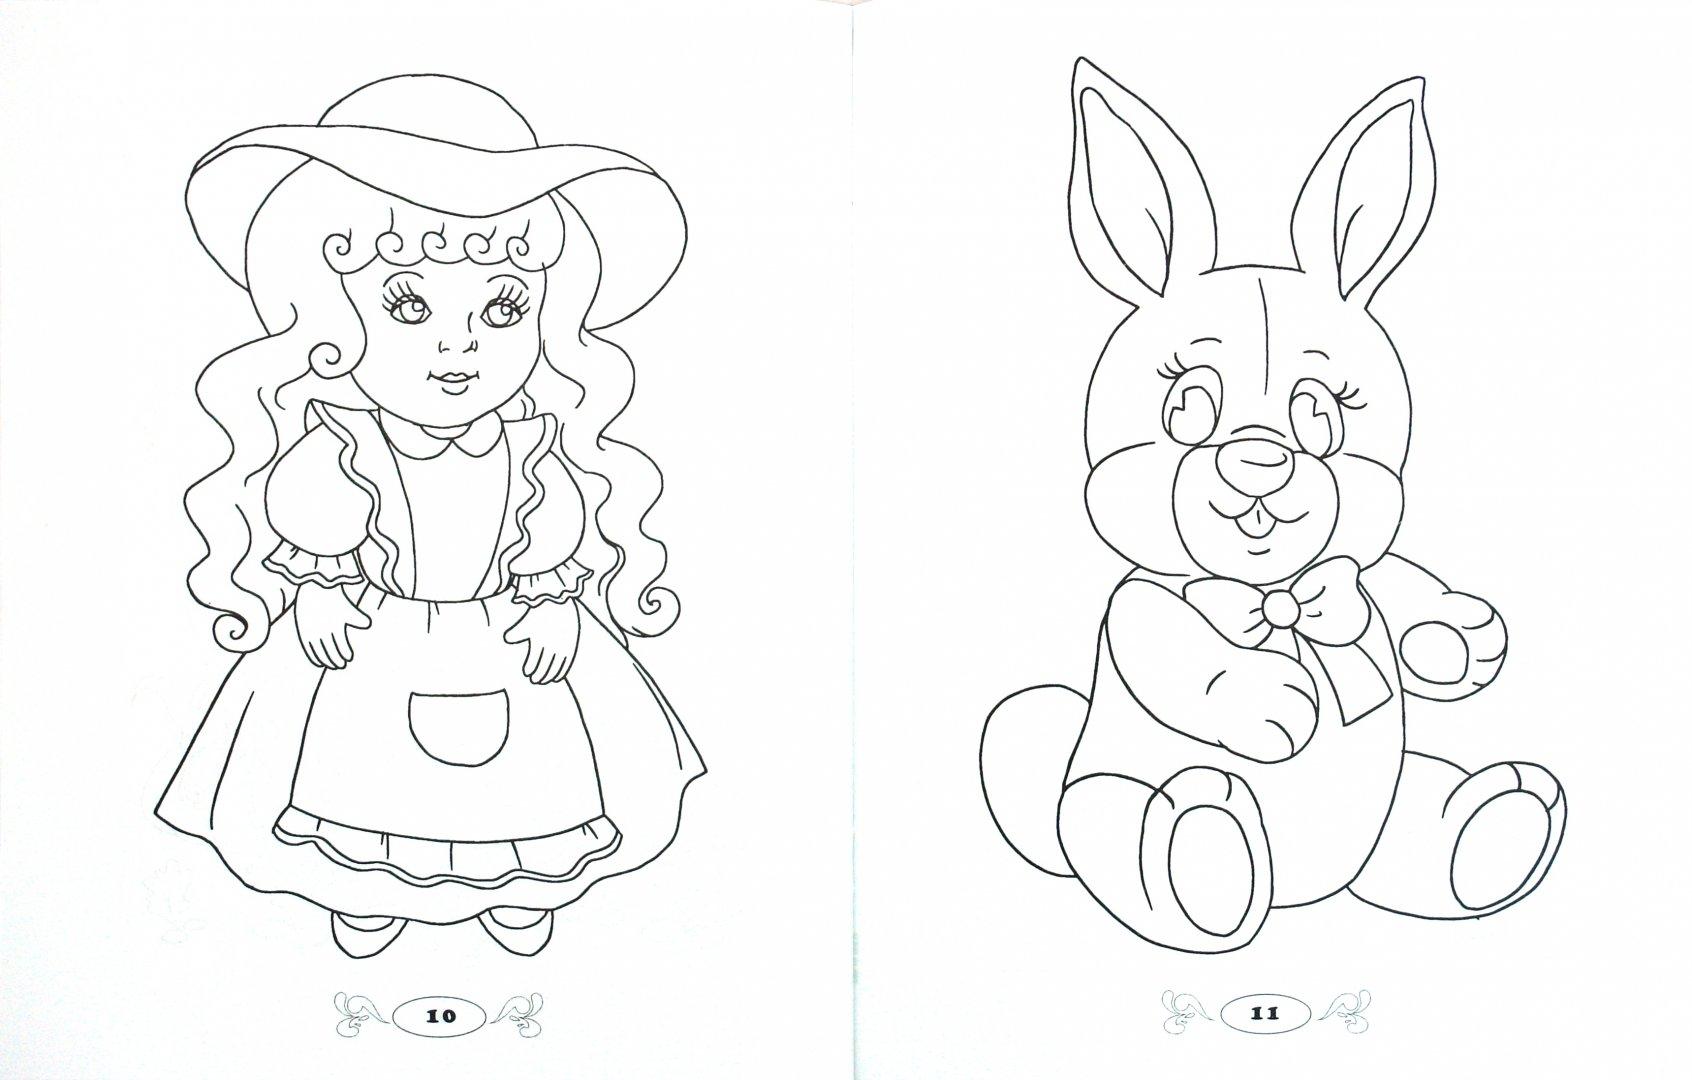 Иллюстрация 1 из 3 для Раскраска для девочек | Лабиринт - книги. Источник: Лабиринт